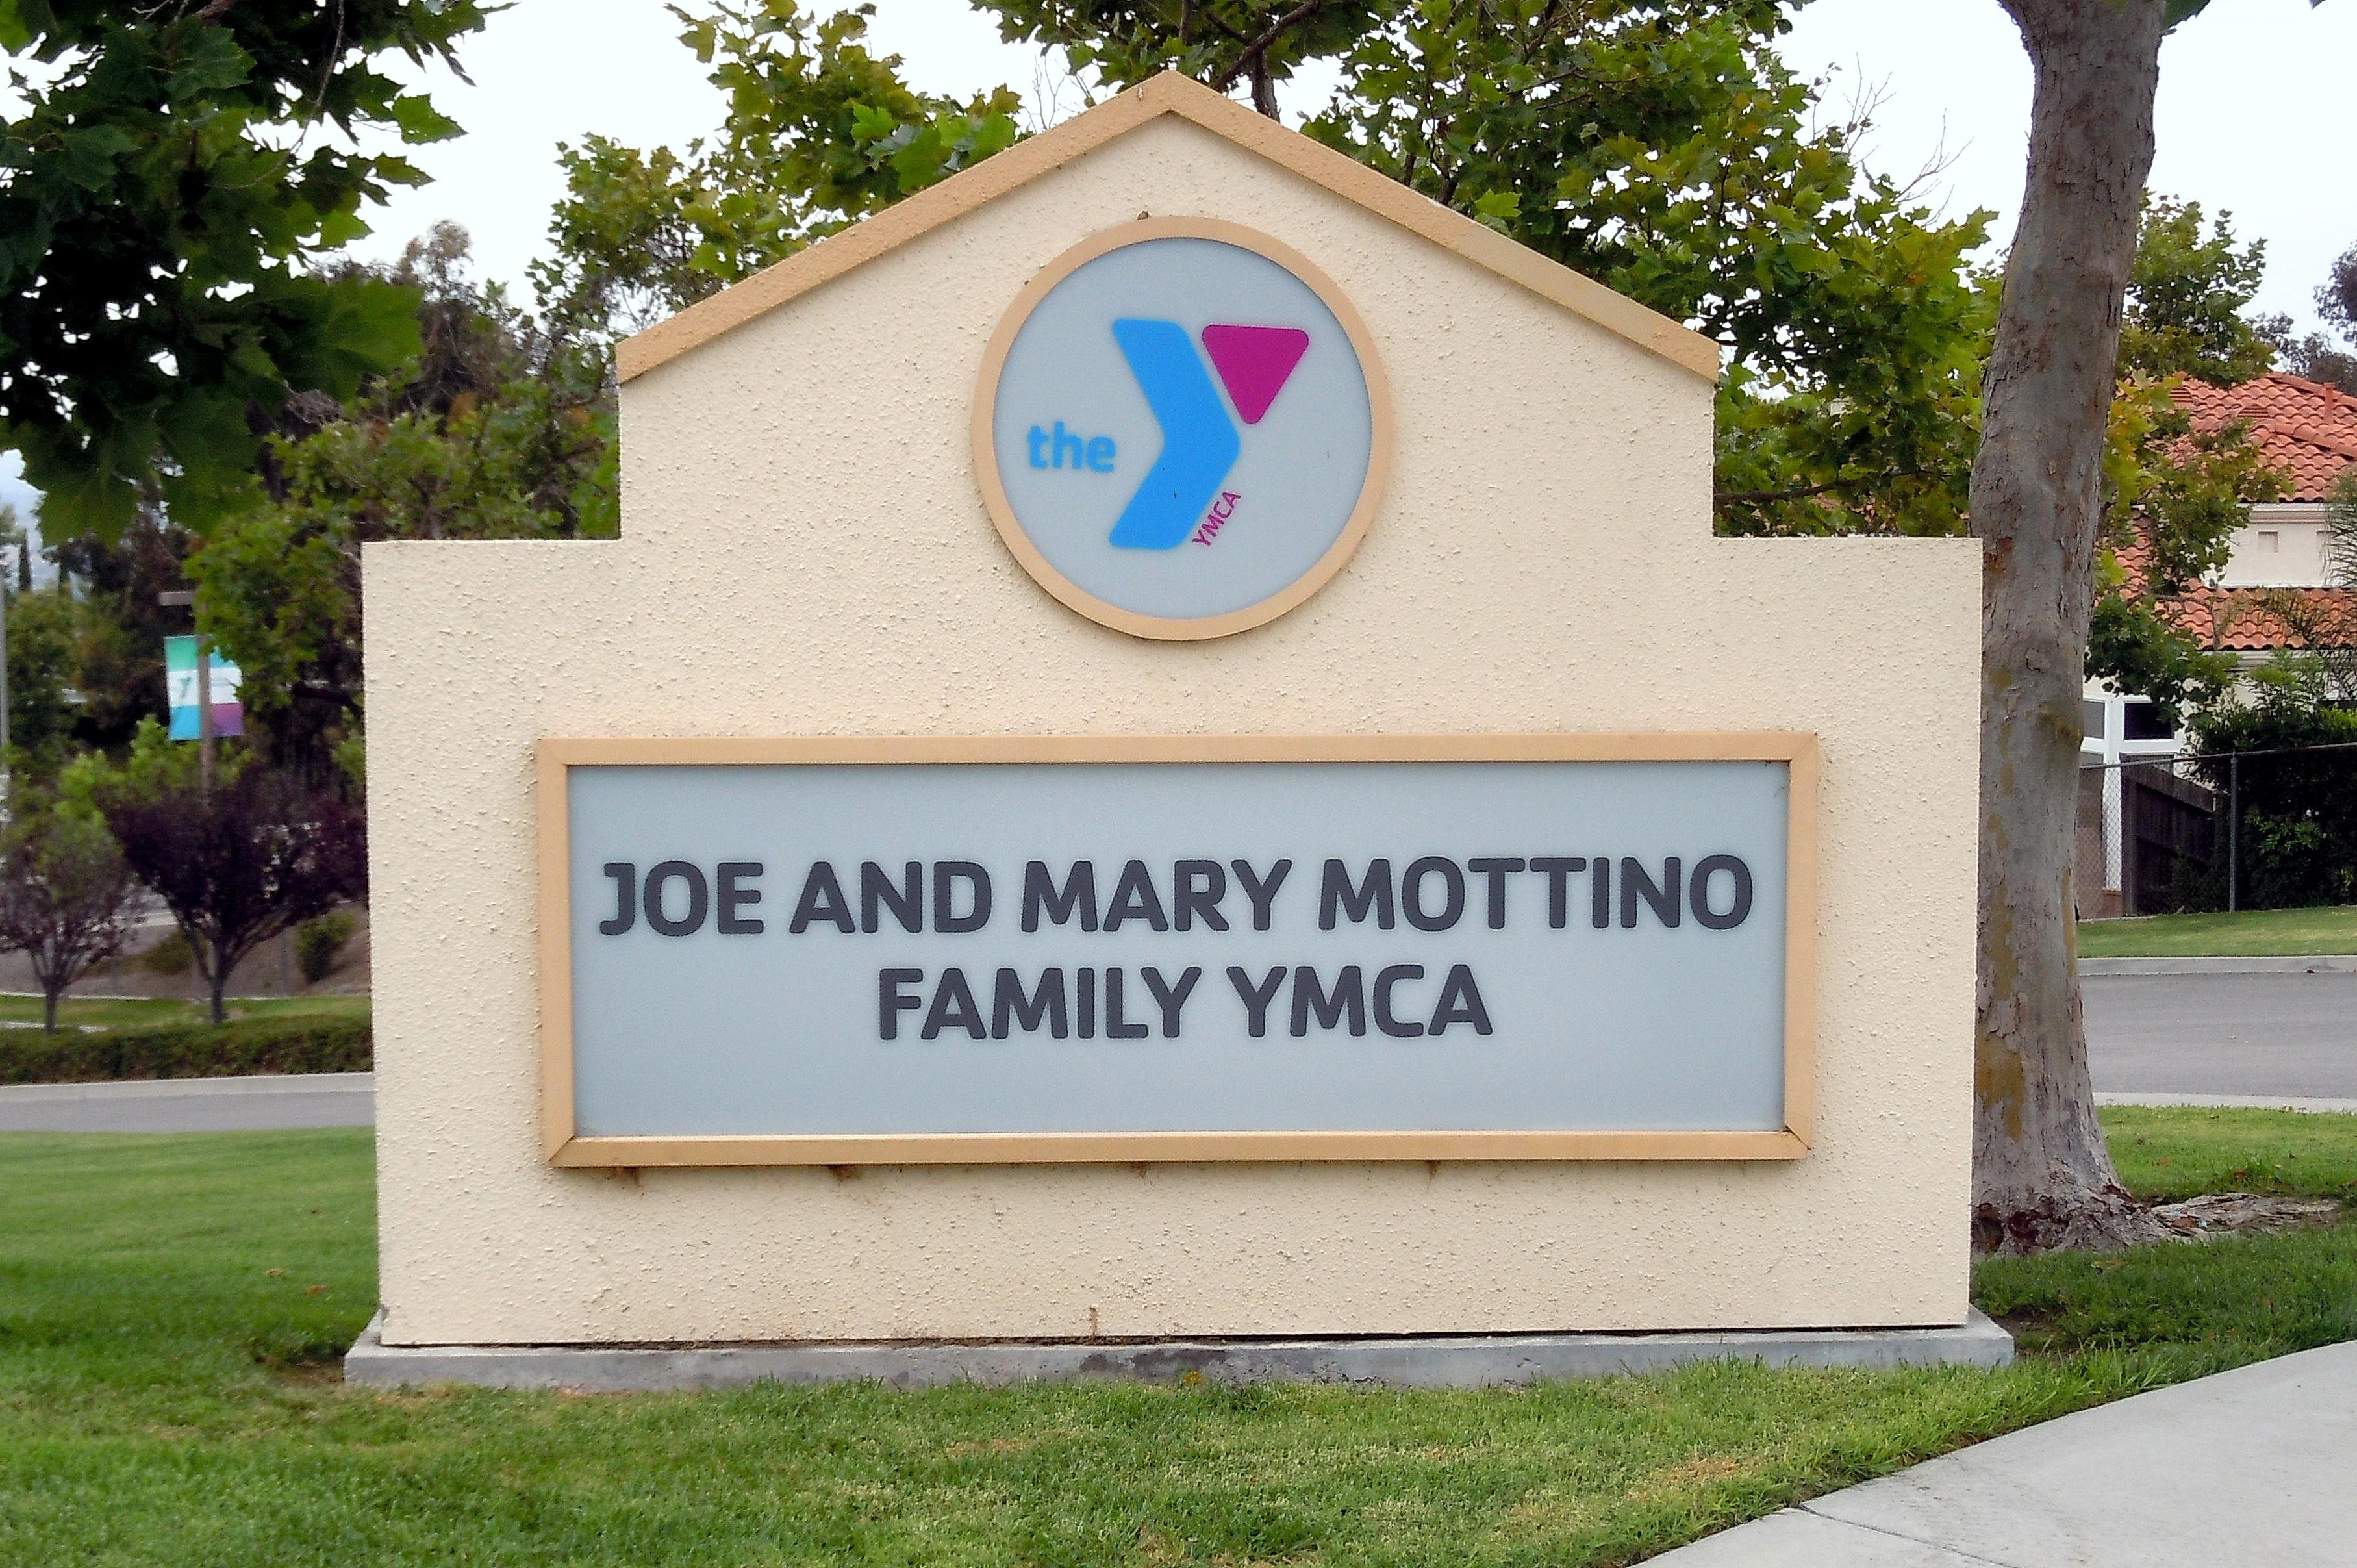 Mottino Family YMCA in Rancho Del Oro